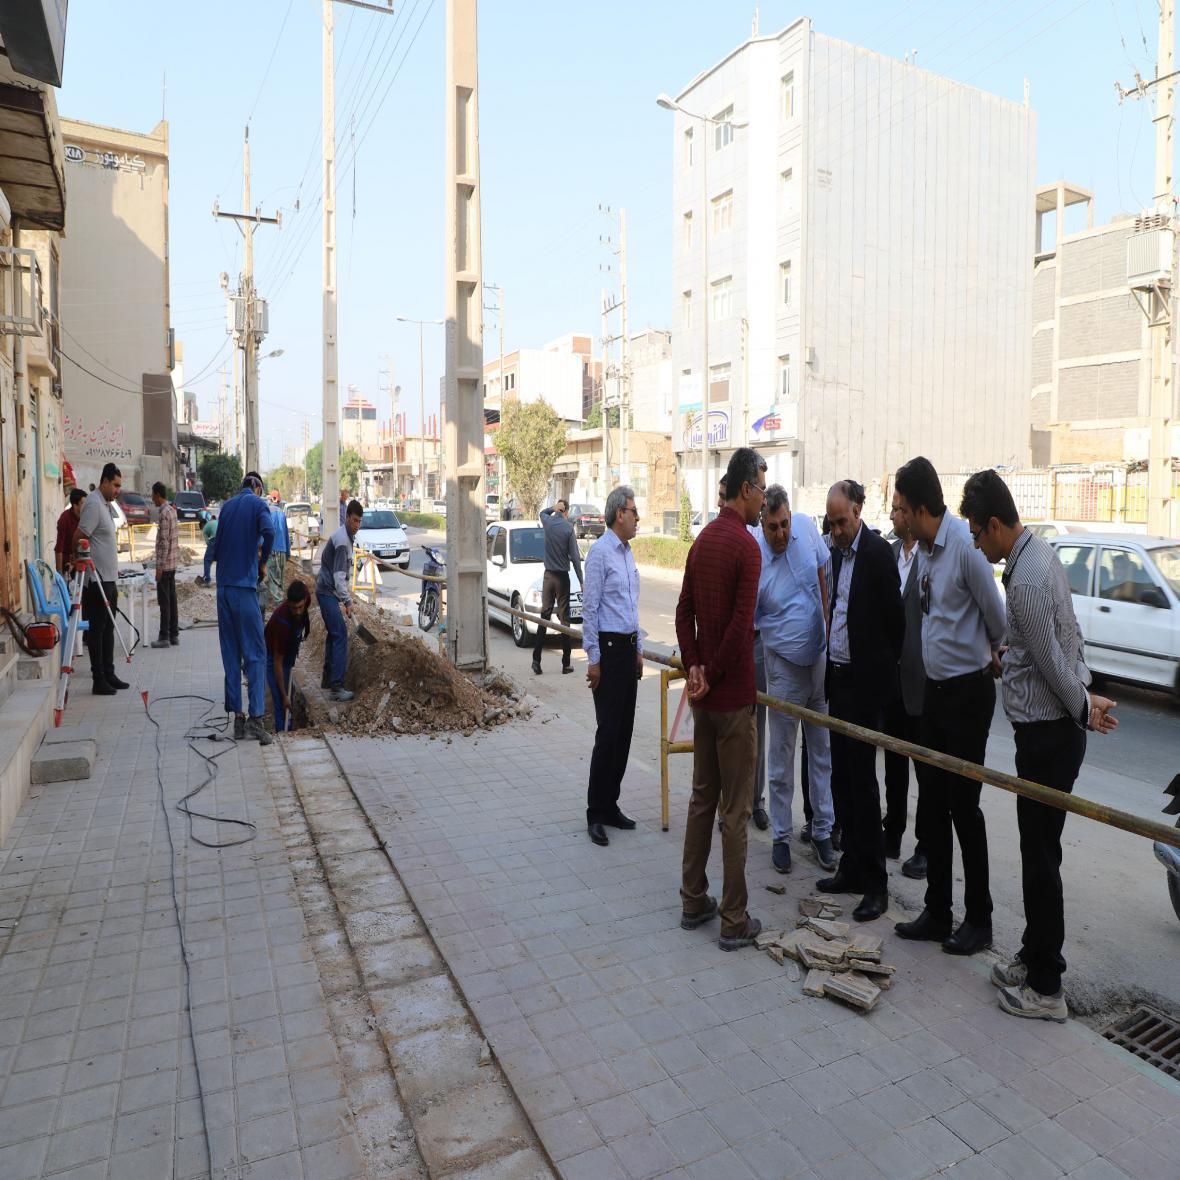 11 پیمان برای تکمیل کردن طرح جمع آوری فاضلاب در مناطق مختلف بوشهر منعقد شد